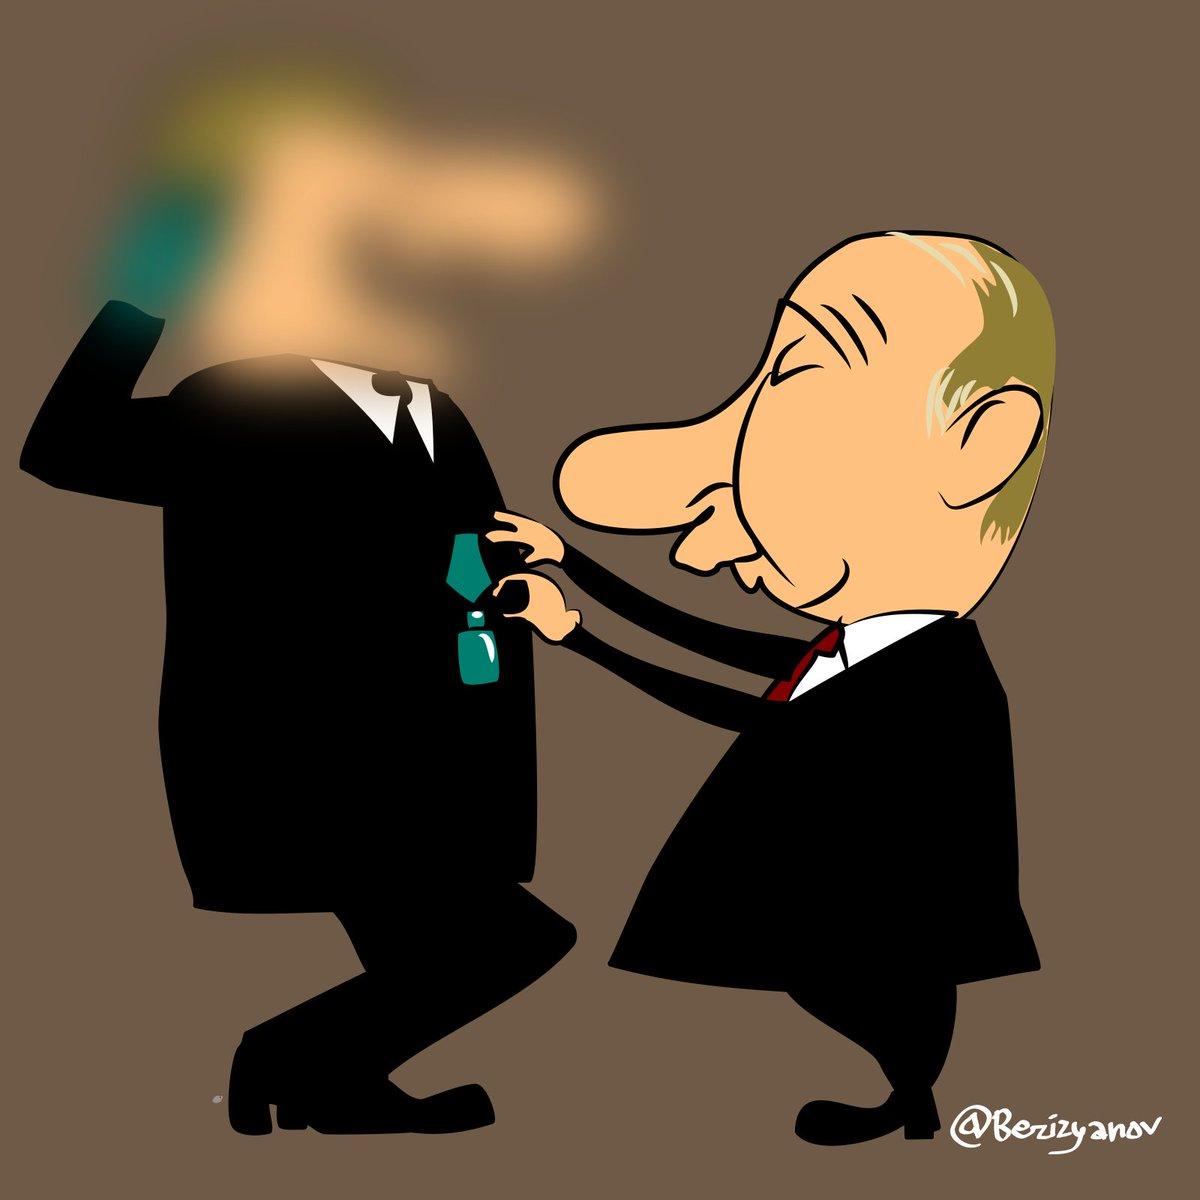 К майским праздникам на юге Украины готовят провокации по заказу из России, - глава Херсонской ОГА - Цензор.НЕТ 2784